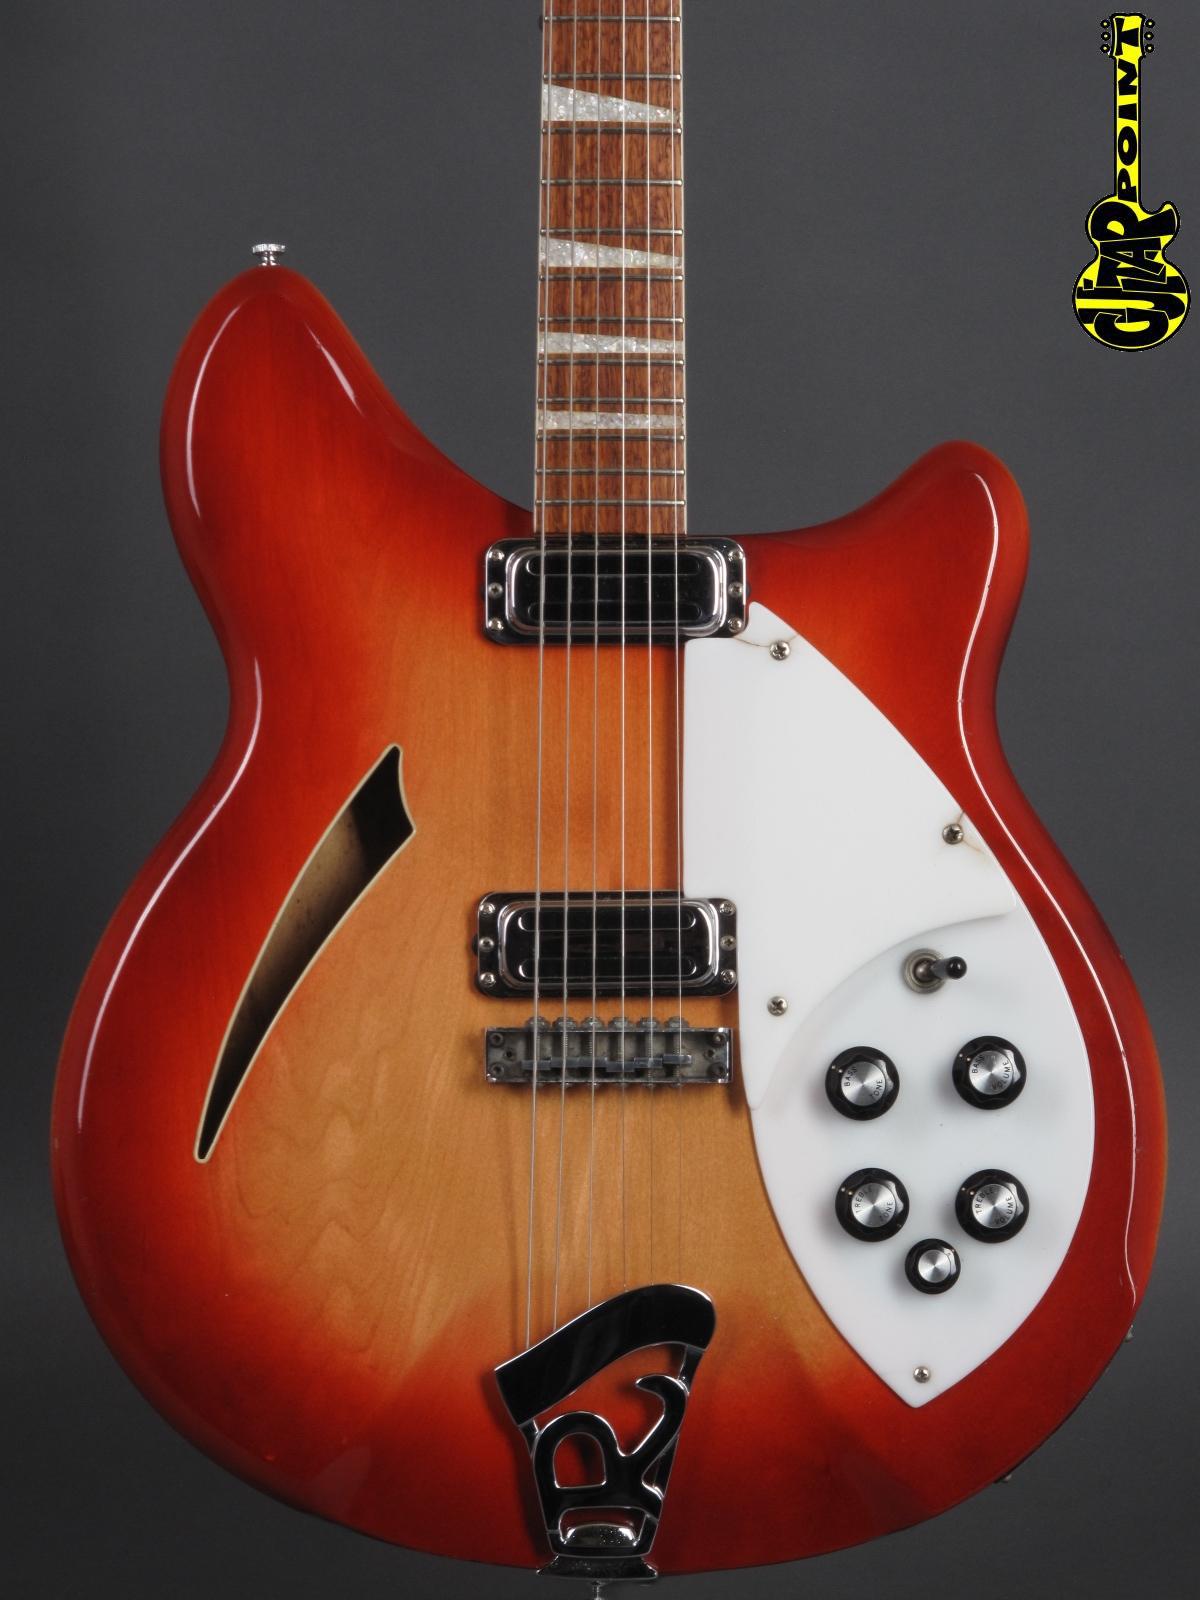 1967 Rickenbacker - 360 Fireglow